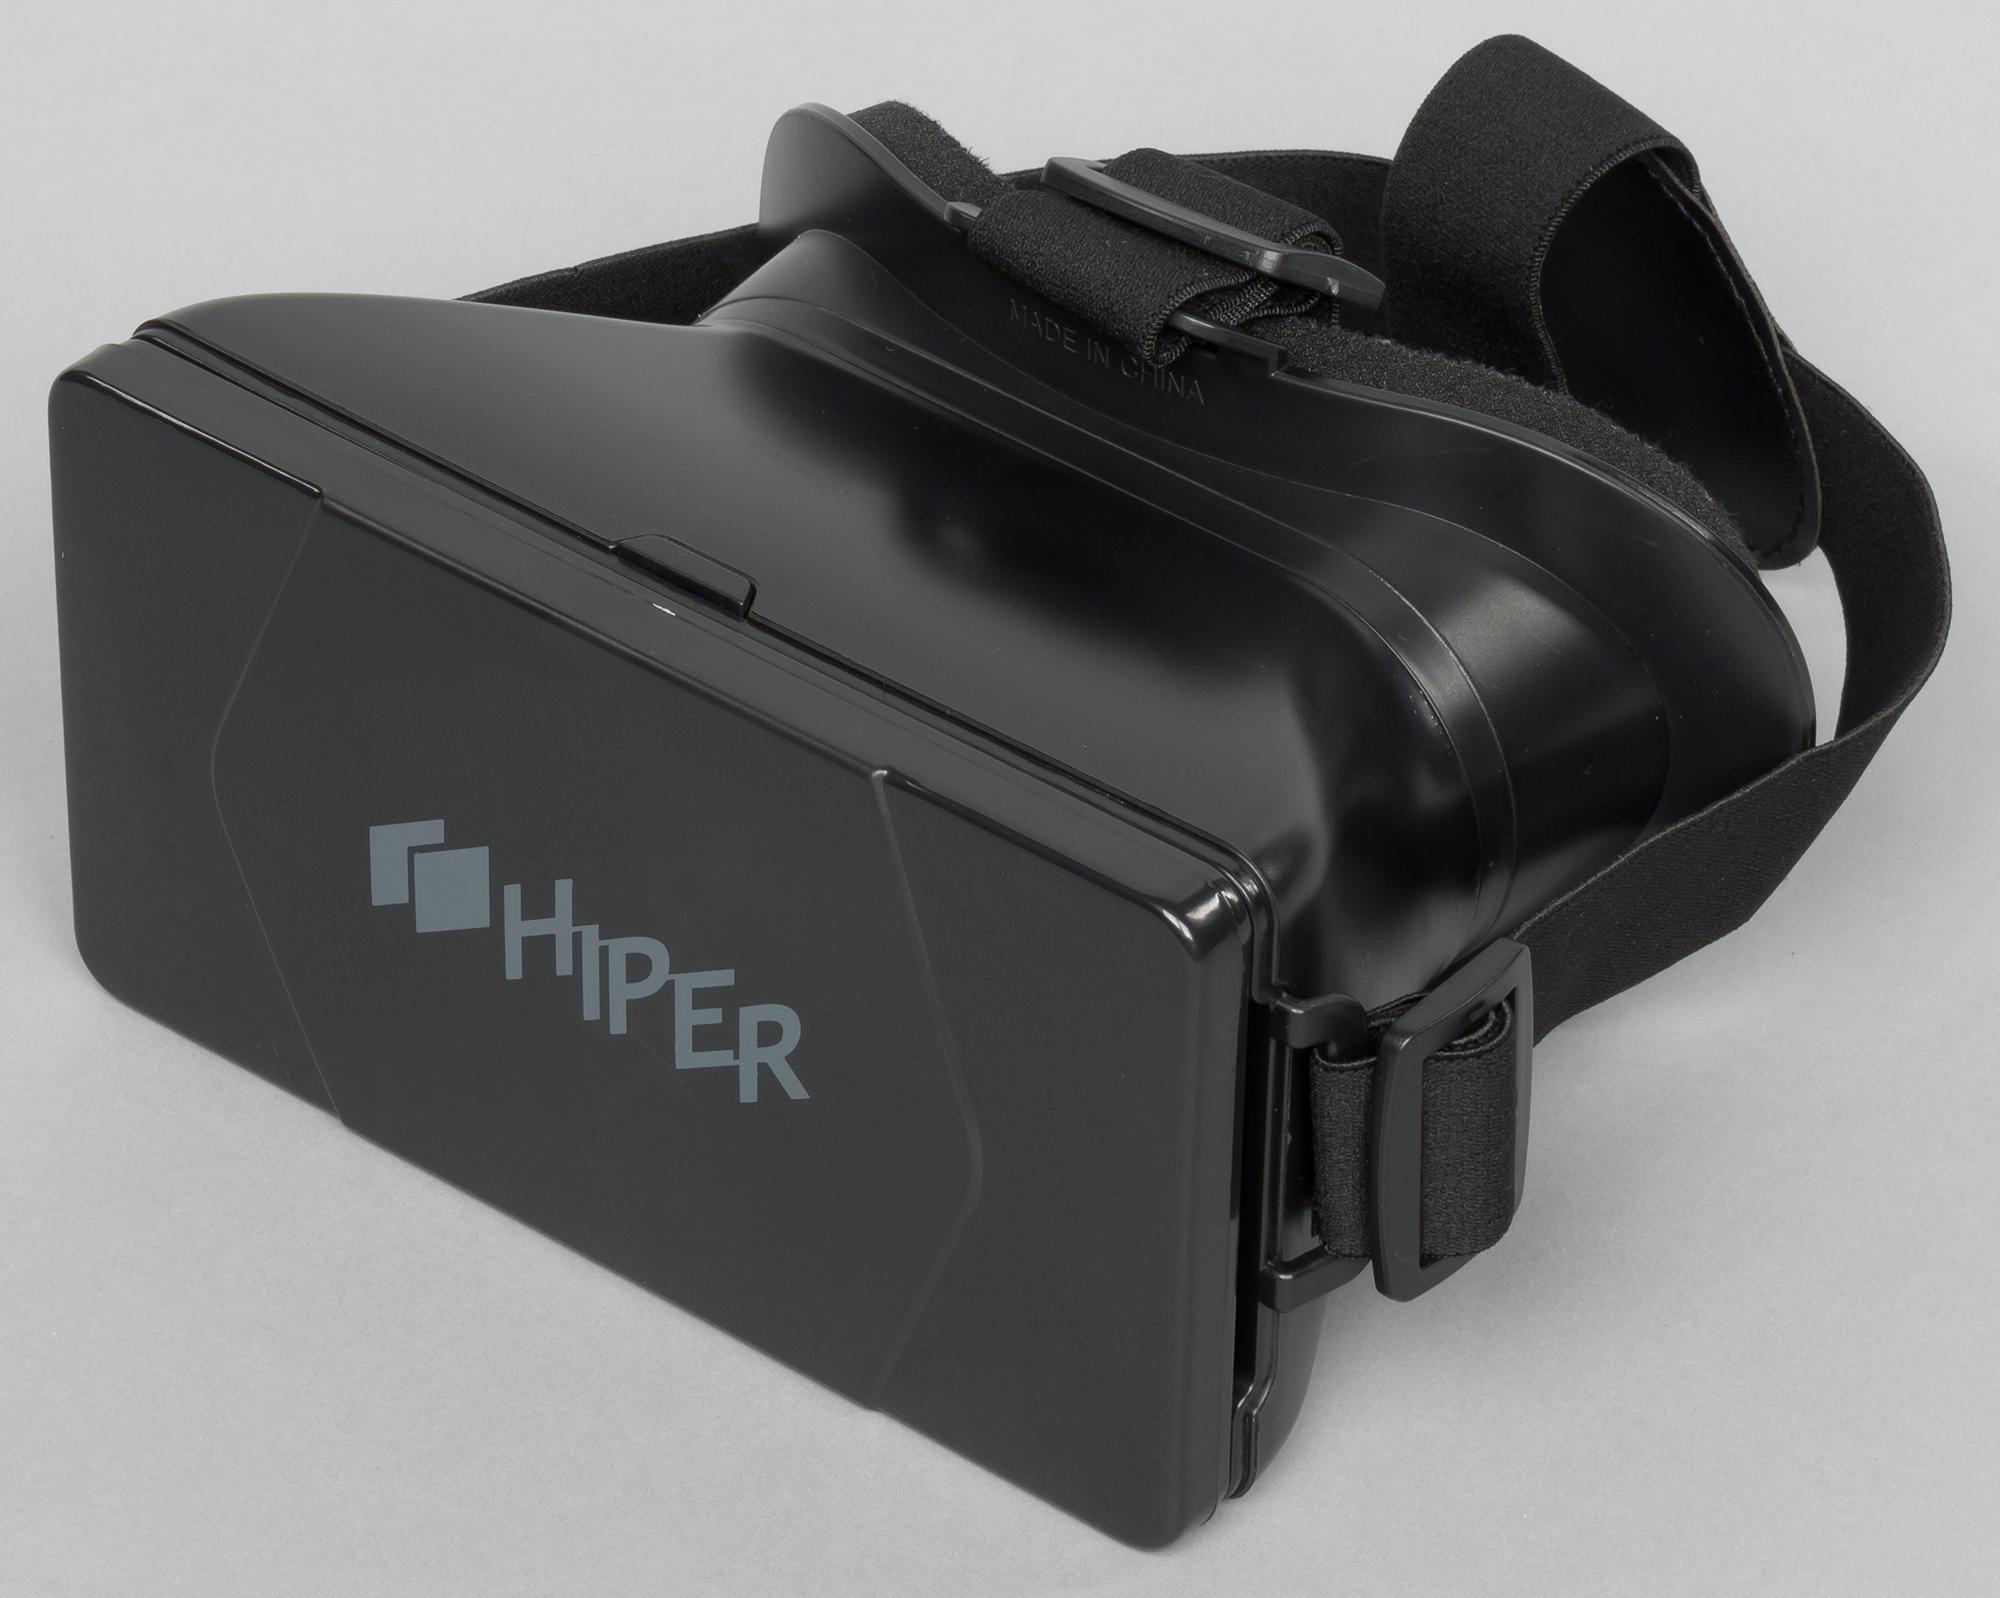 Купить виртуальные очки дешево в артём купить очки виртуальной реальности донецк